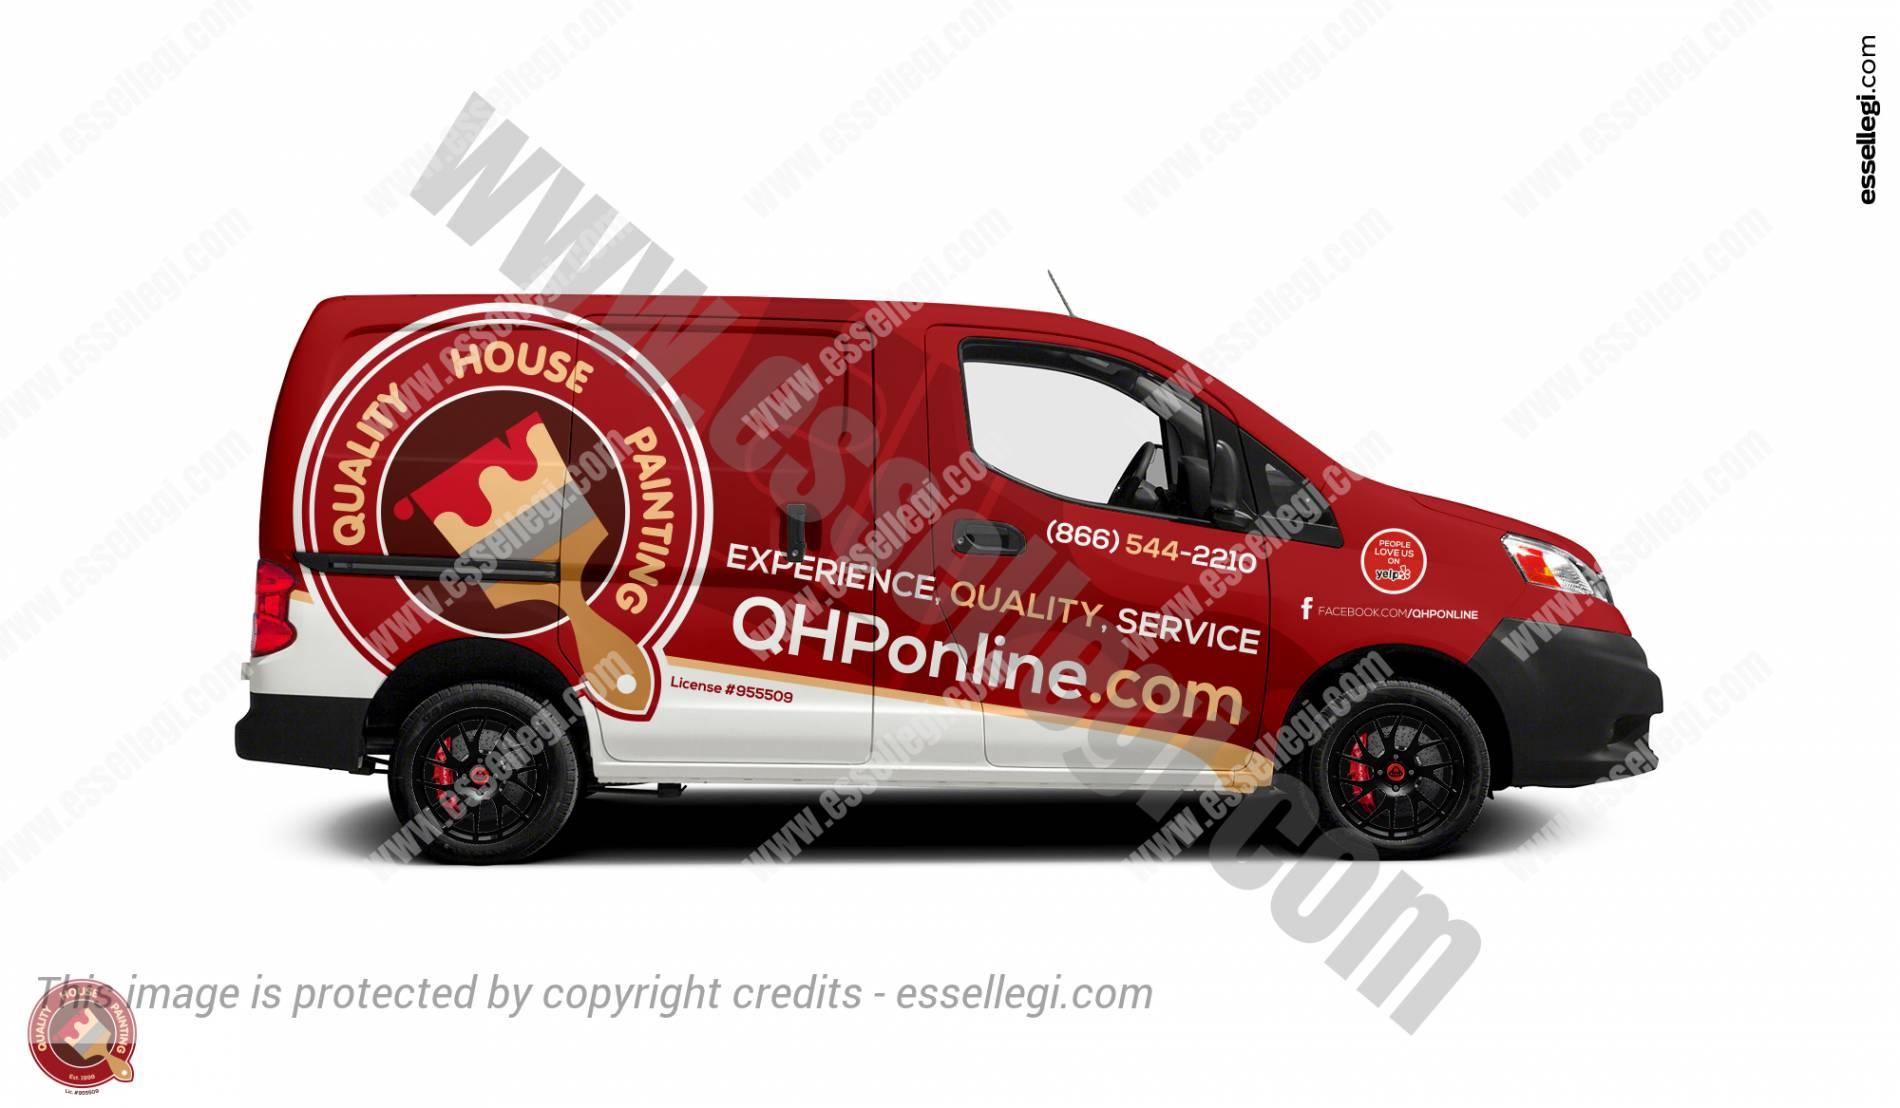 Nissan NW200 | Van Wrap Design by Essellegi. Van Signs, Van Signage, Van Wrapping, Van Signwriting, Van Wrap Designer, Signs for Van, Van Logo, Van Graphic by Essellegi.